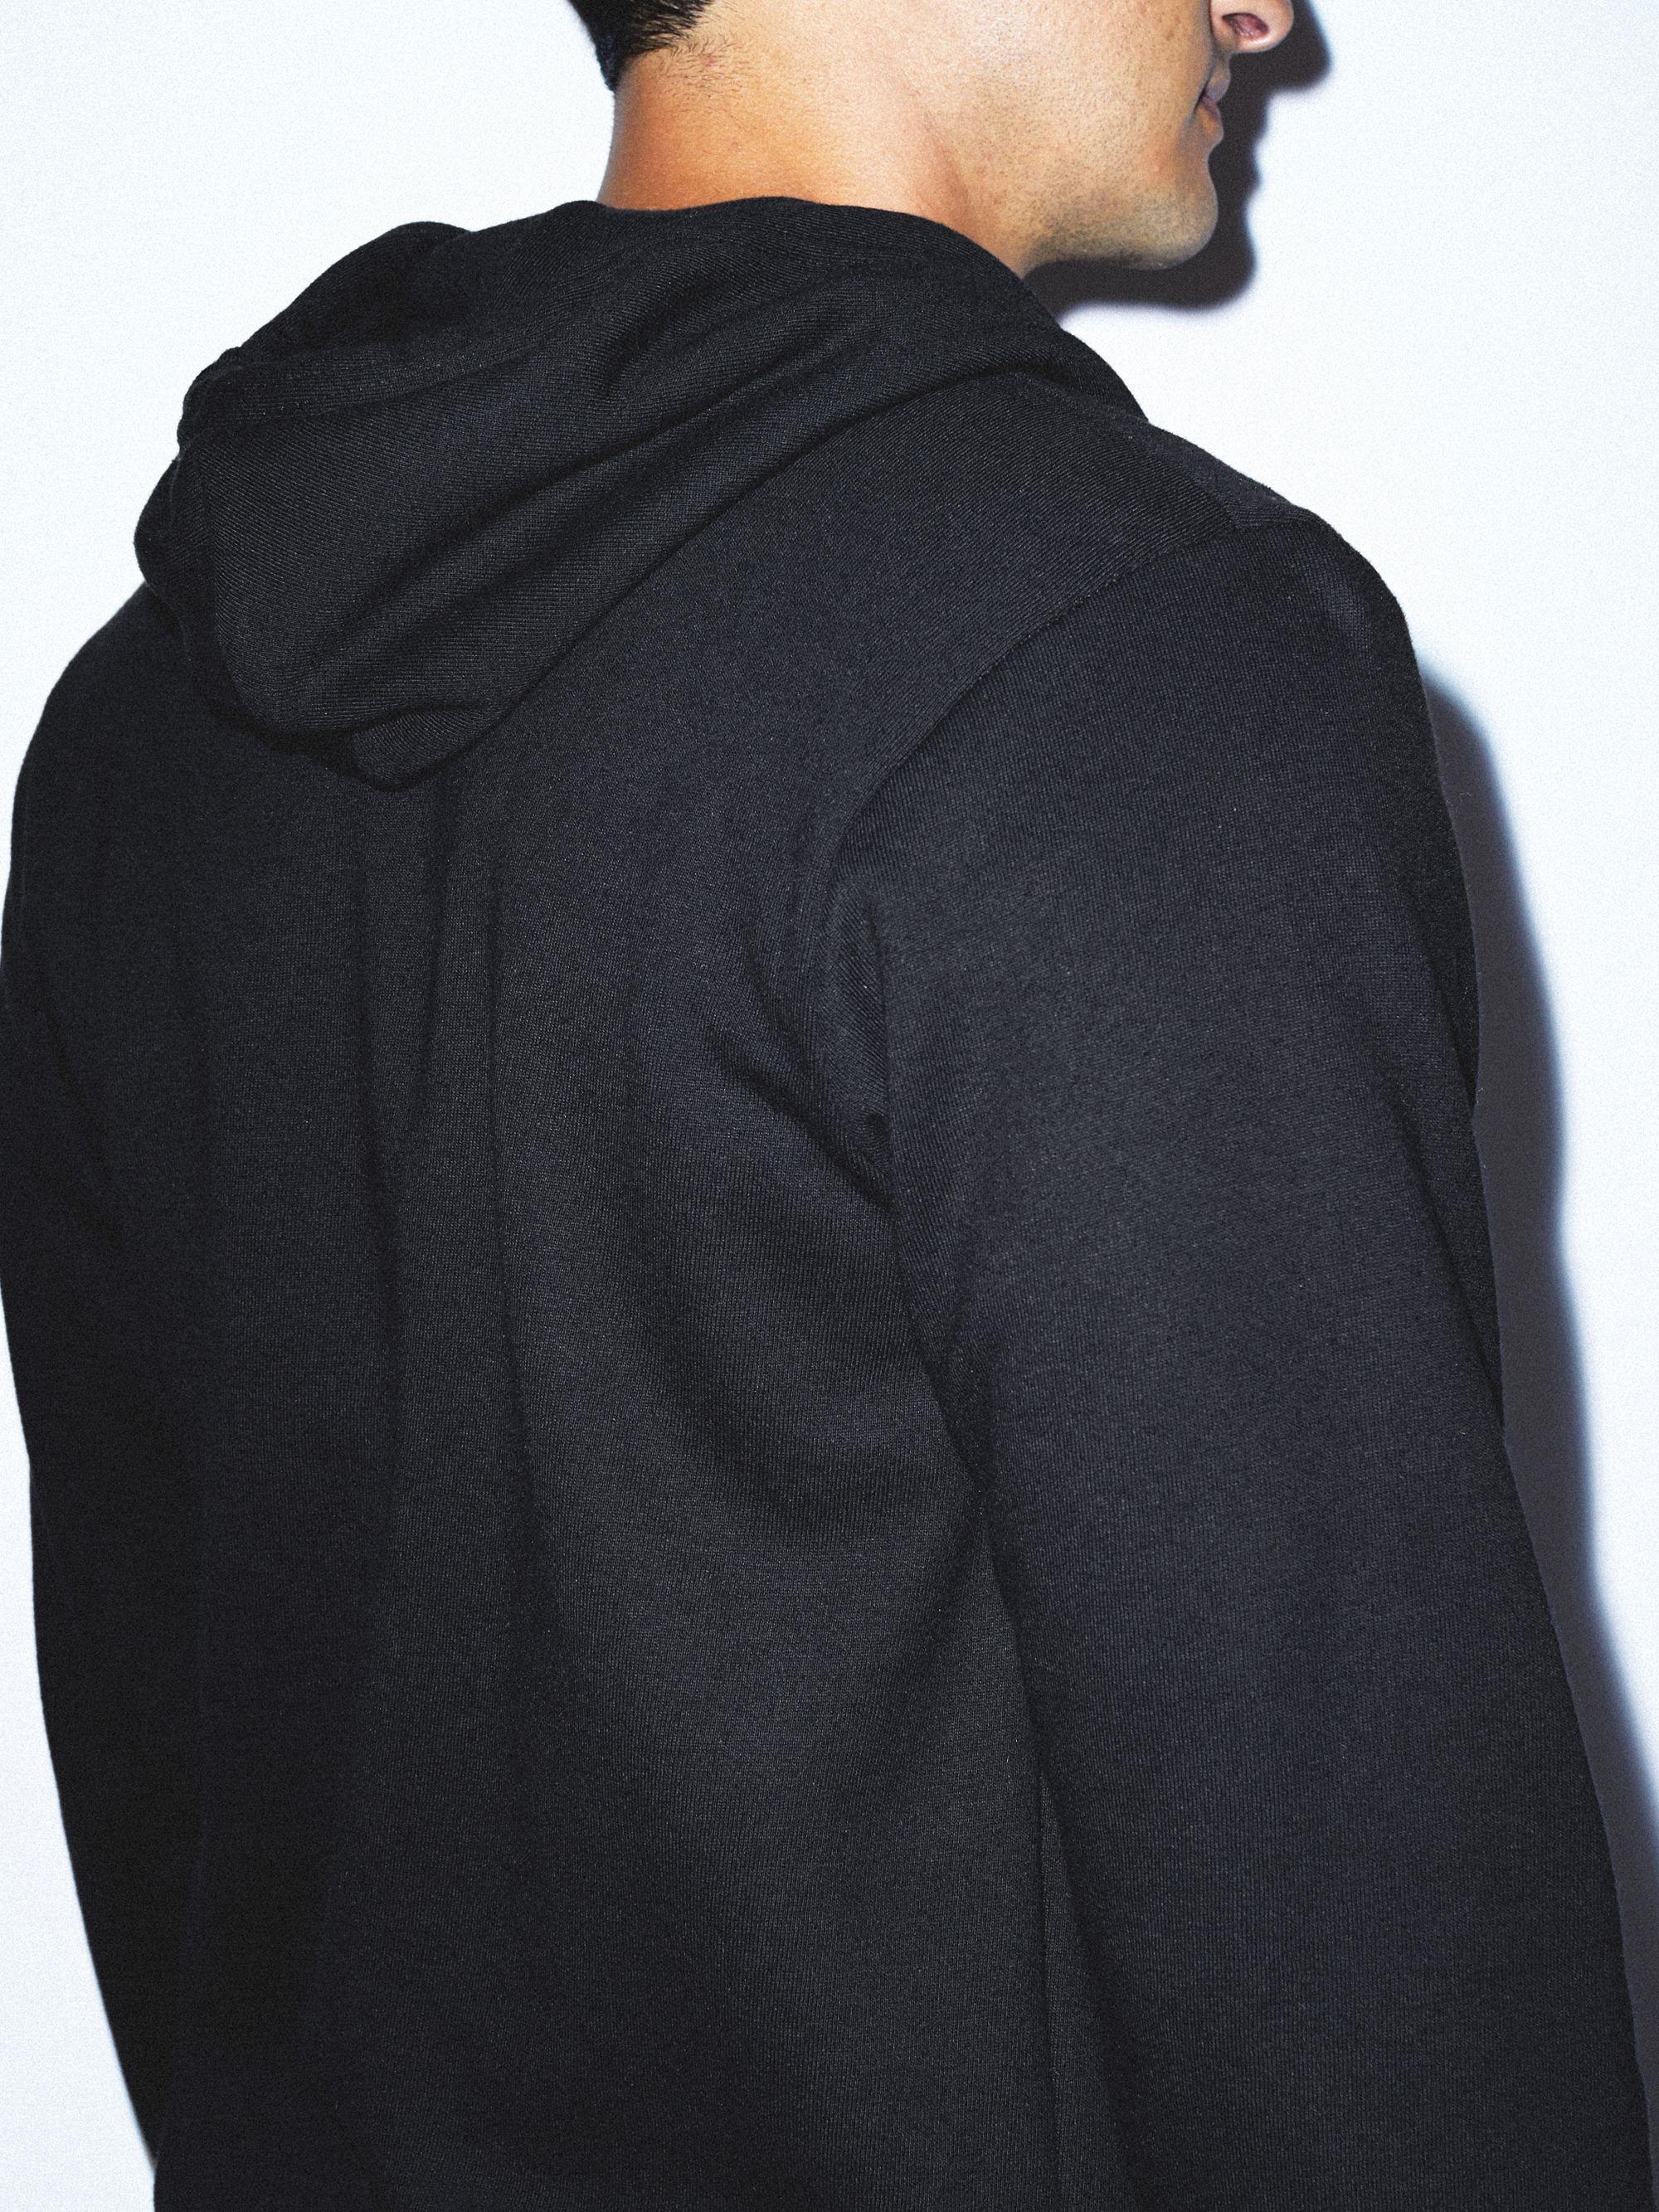 6f0cbff07267 Flex Fleece Zip Hoodie